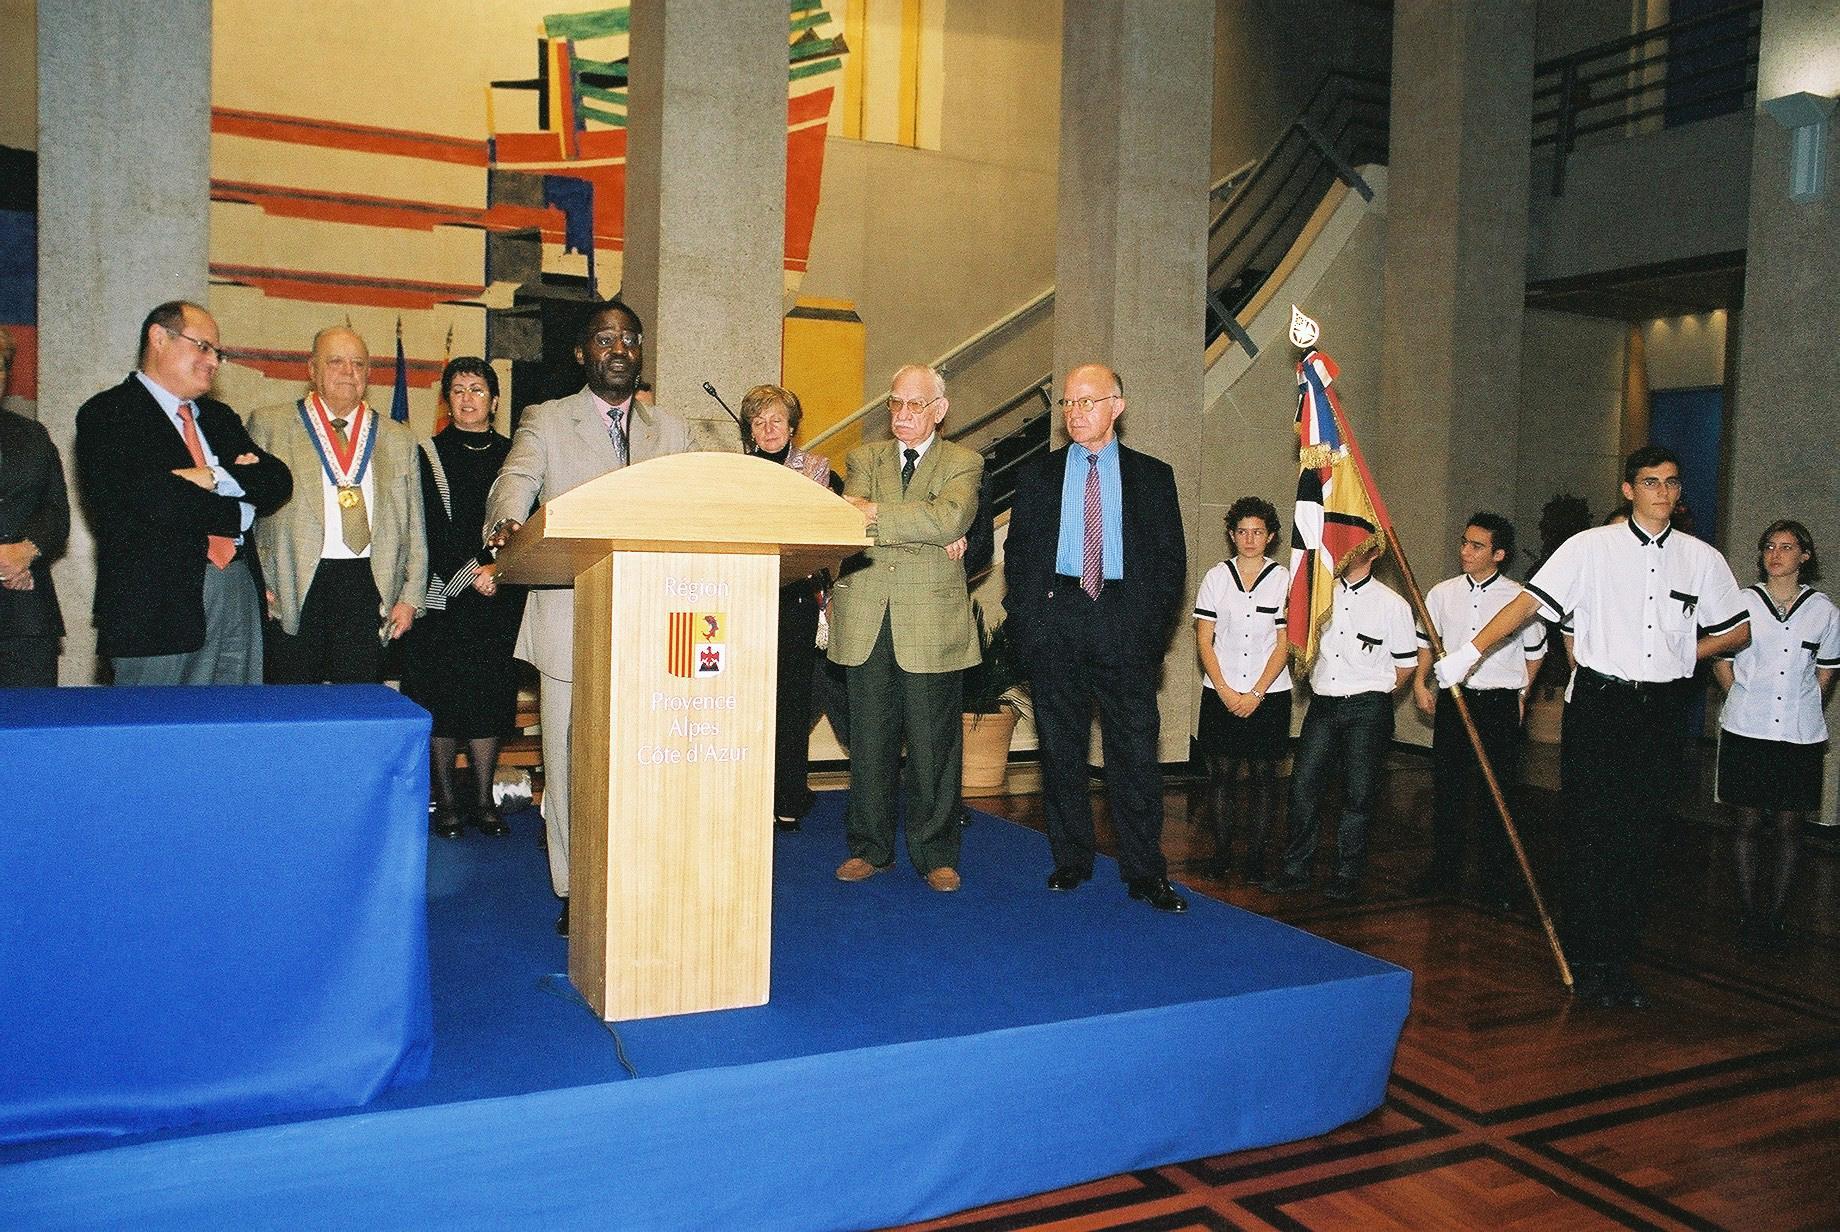 CeremoniePACA31oct20031